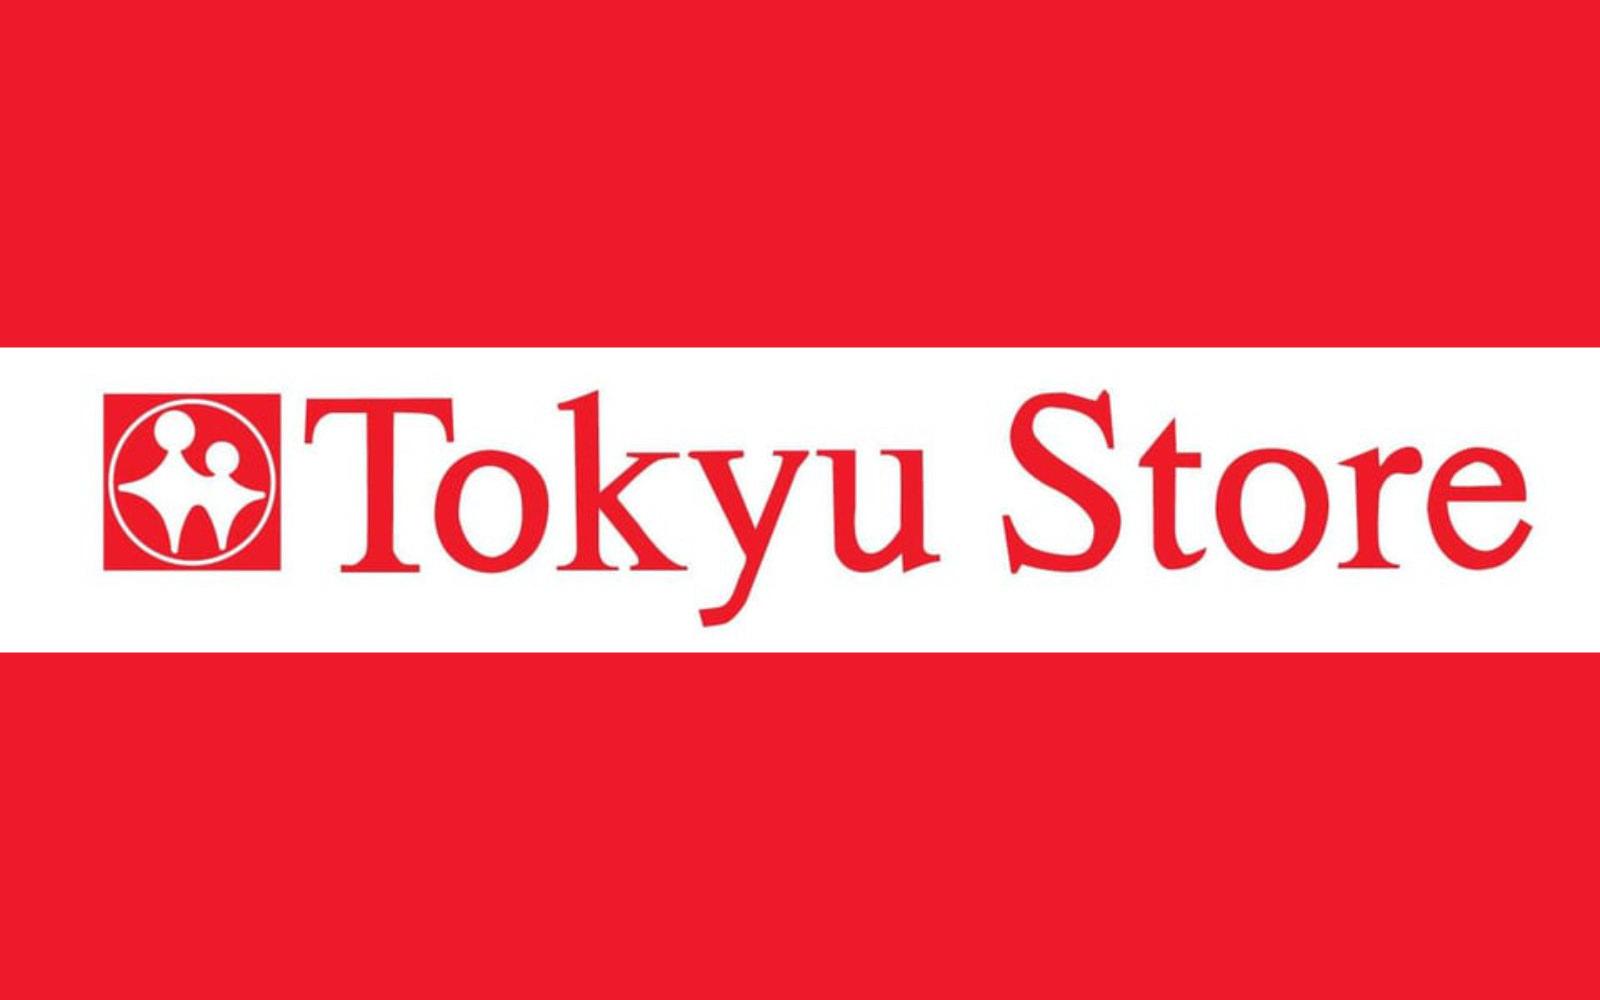 Toukyu Store Paypay